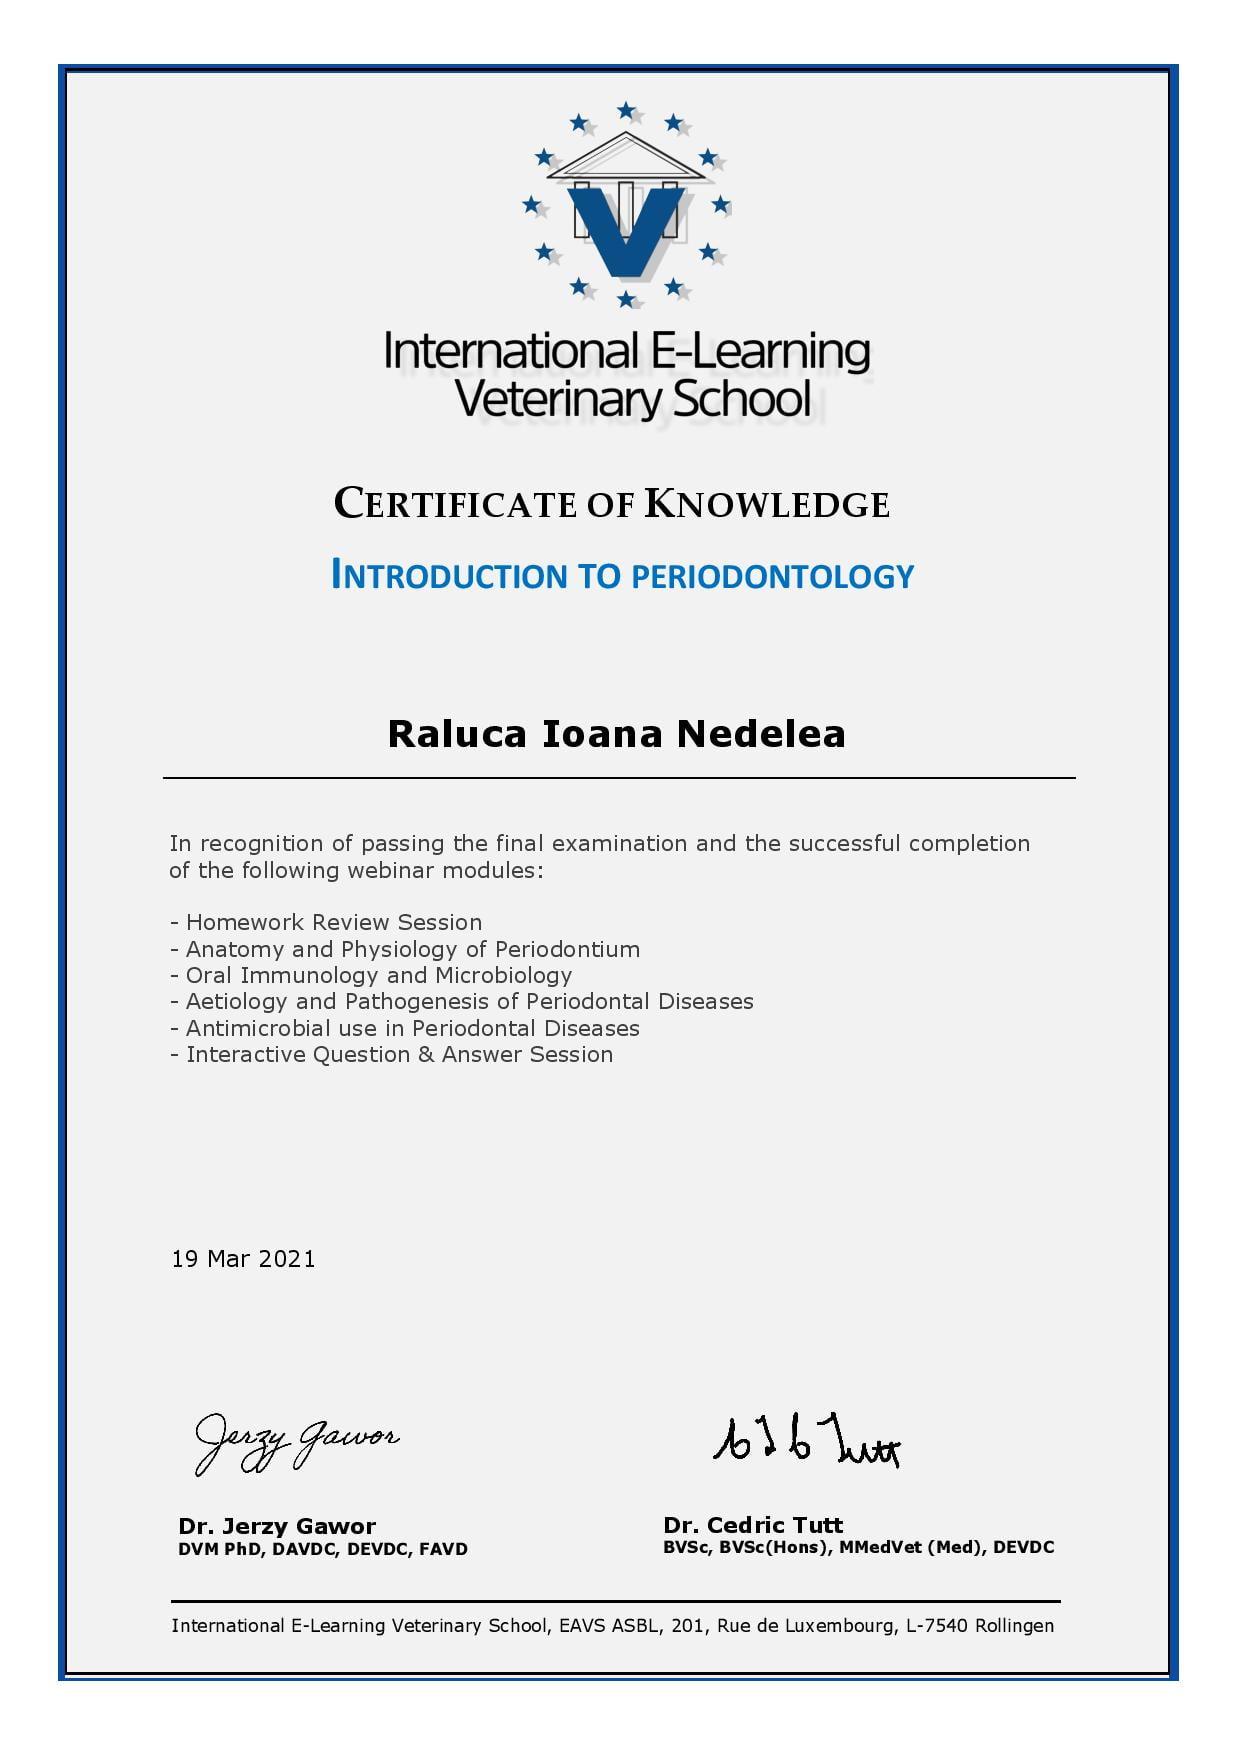 Certificări de stomatologie veterinară Certificate Of Knowledge - Introduction To Periodontology